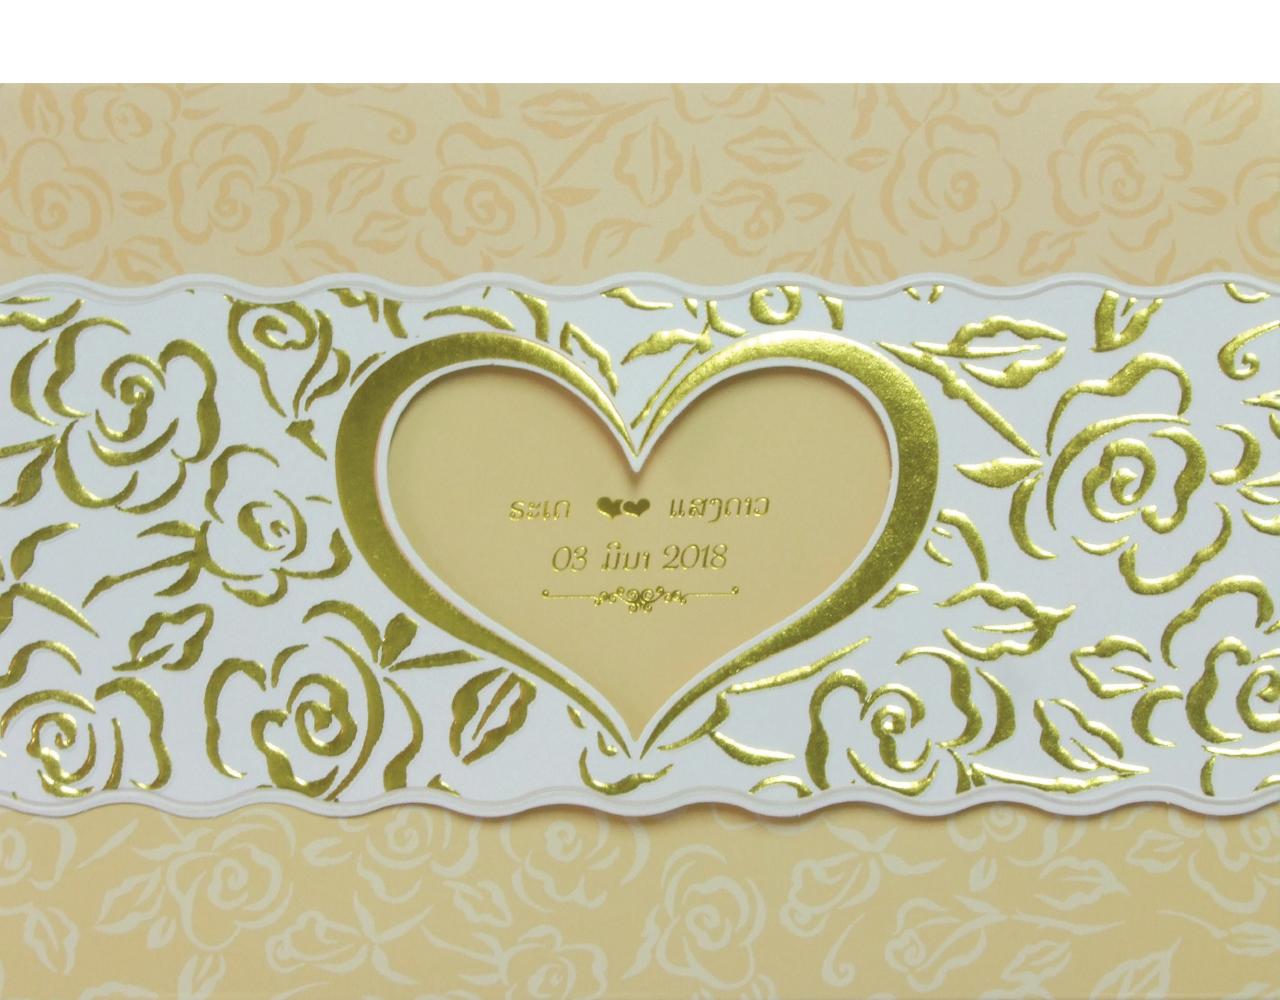 การ์ดแต่งงาน 13 x 18 cm WC 5335 ฿ 8.00